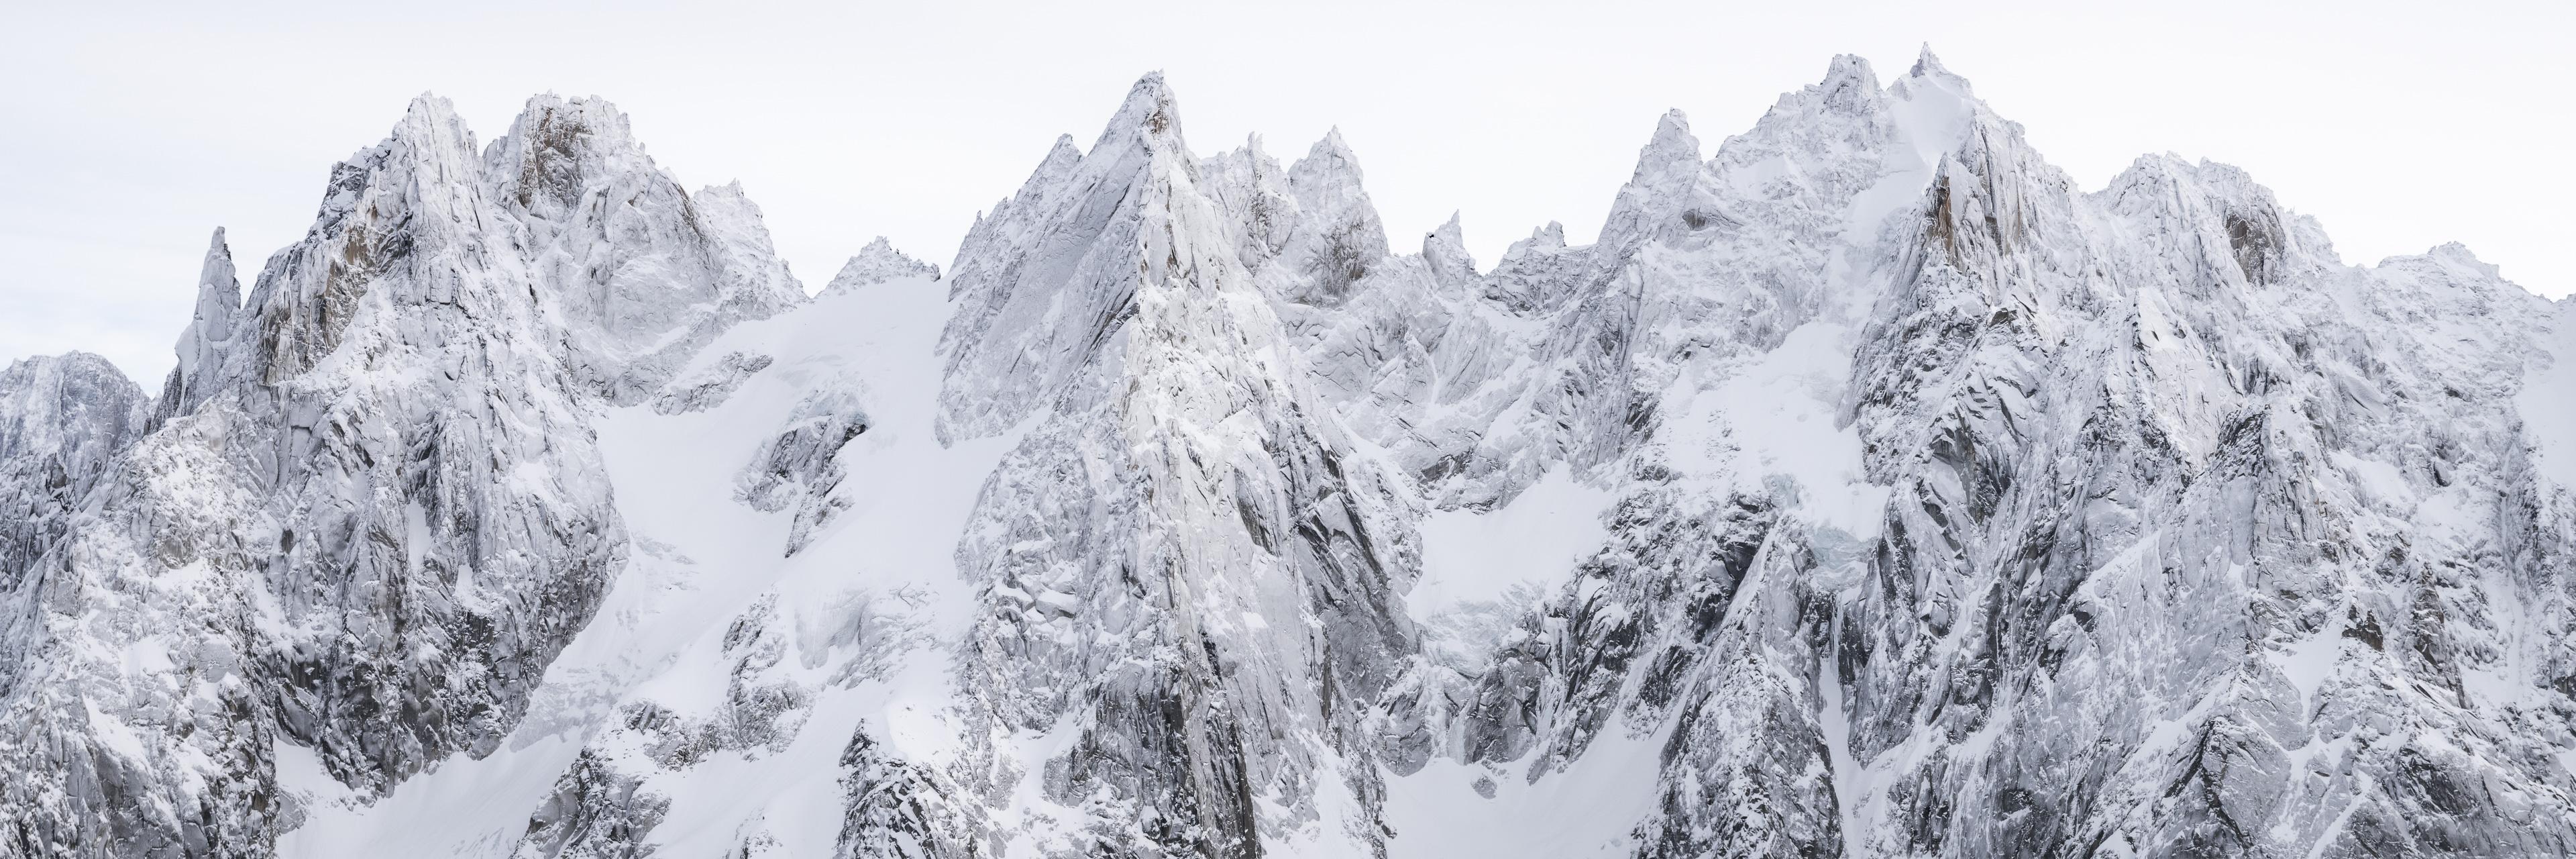 Photo panoramique ds Aiguilles de Chamonix - Panaorama sur les aiguilles de Chamonix en hiver